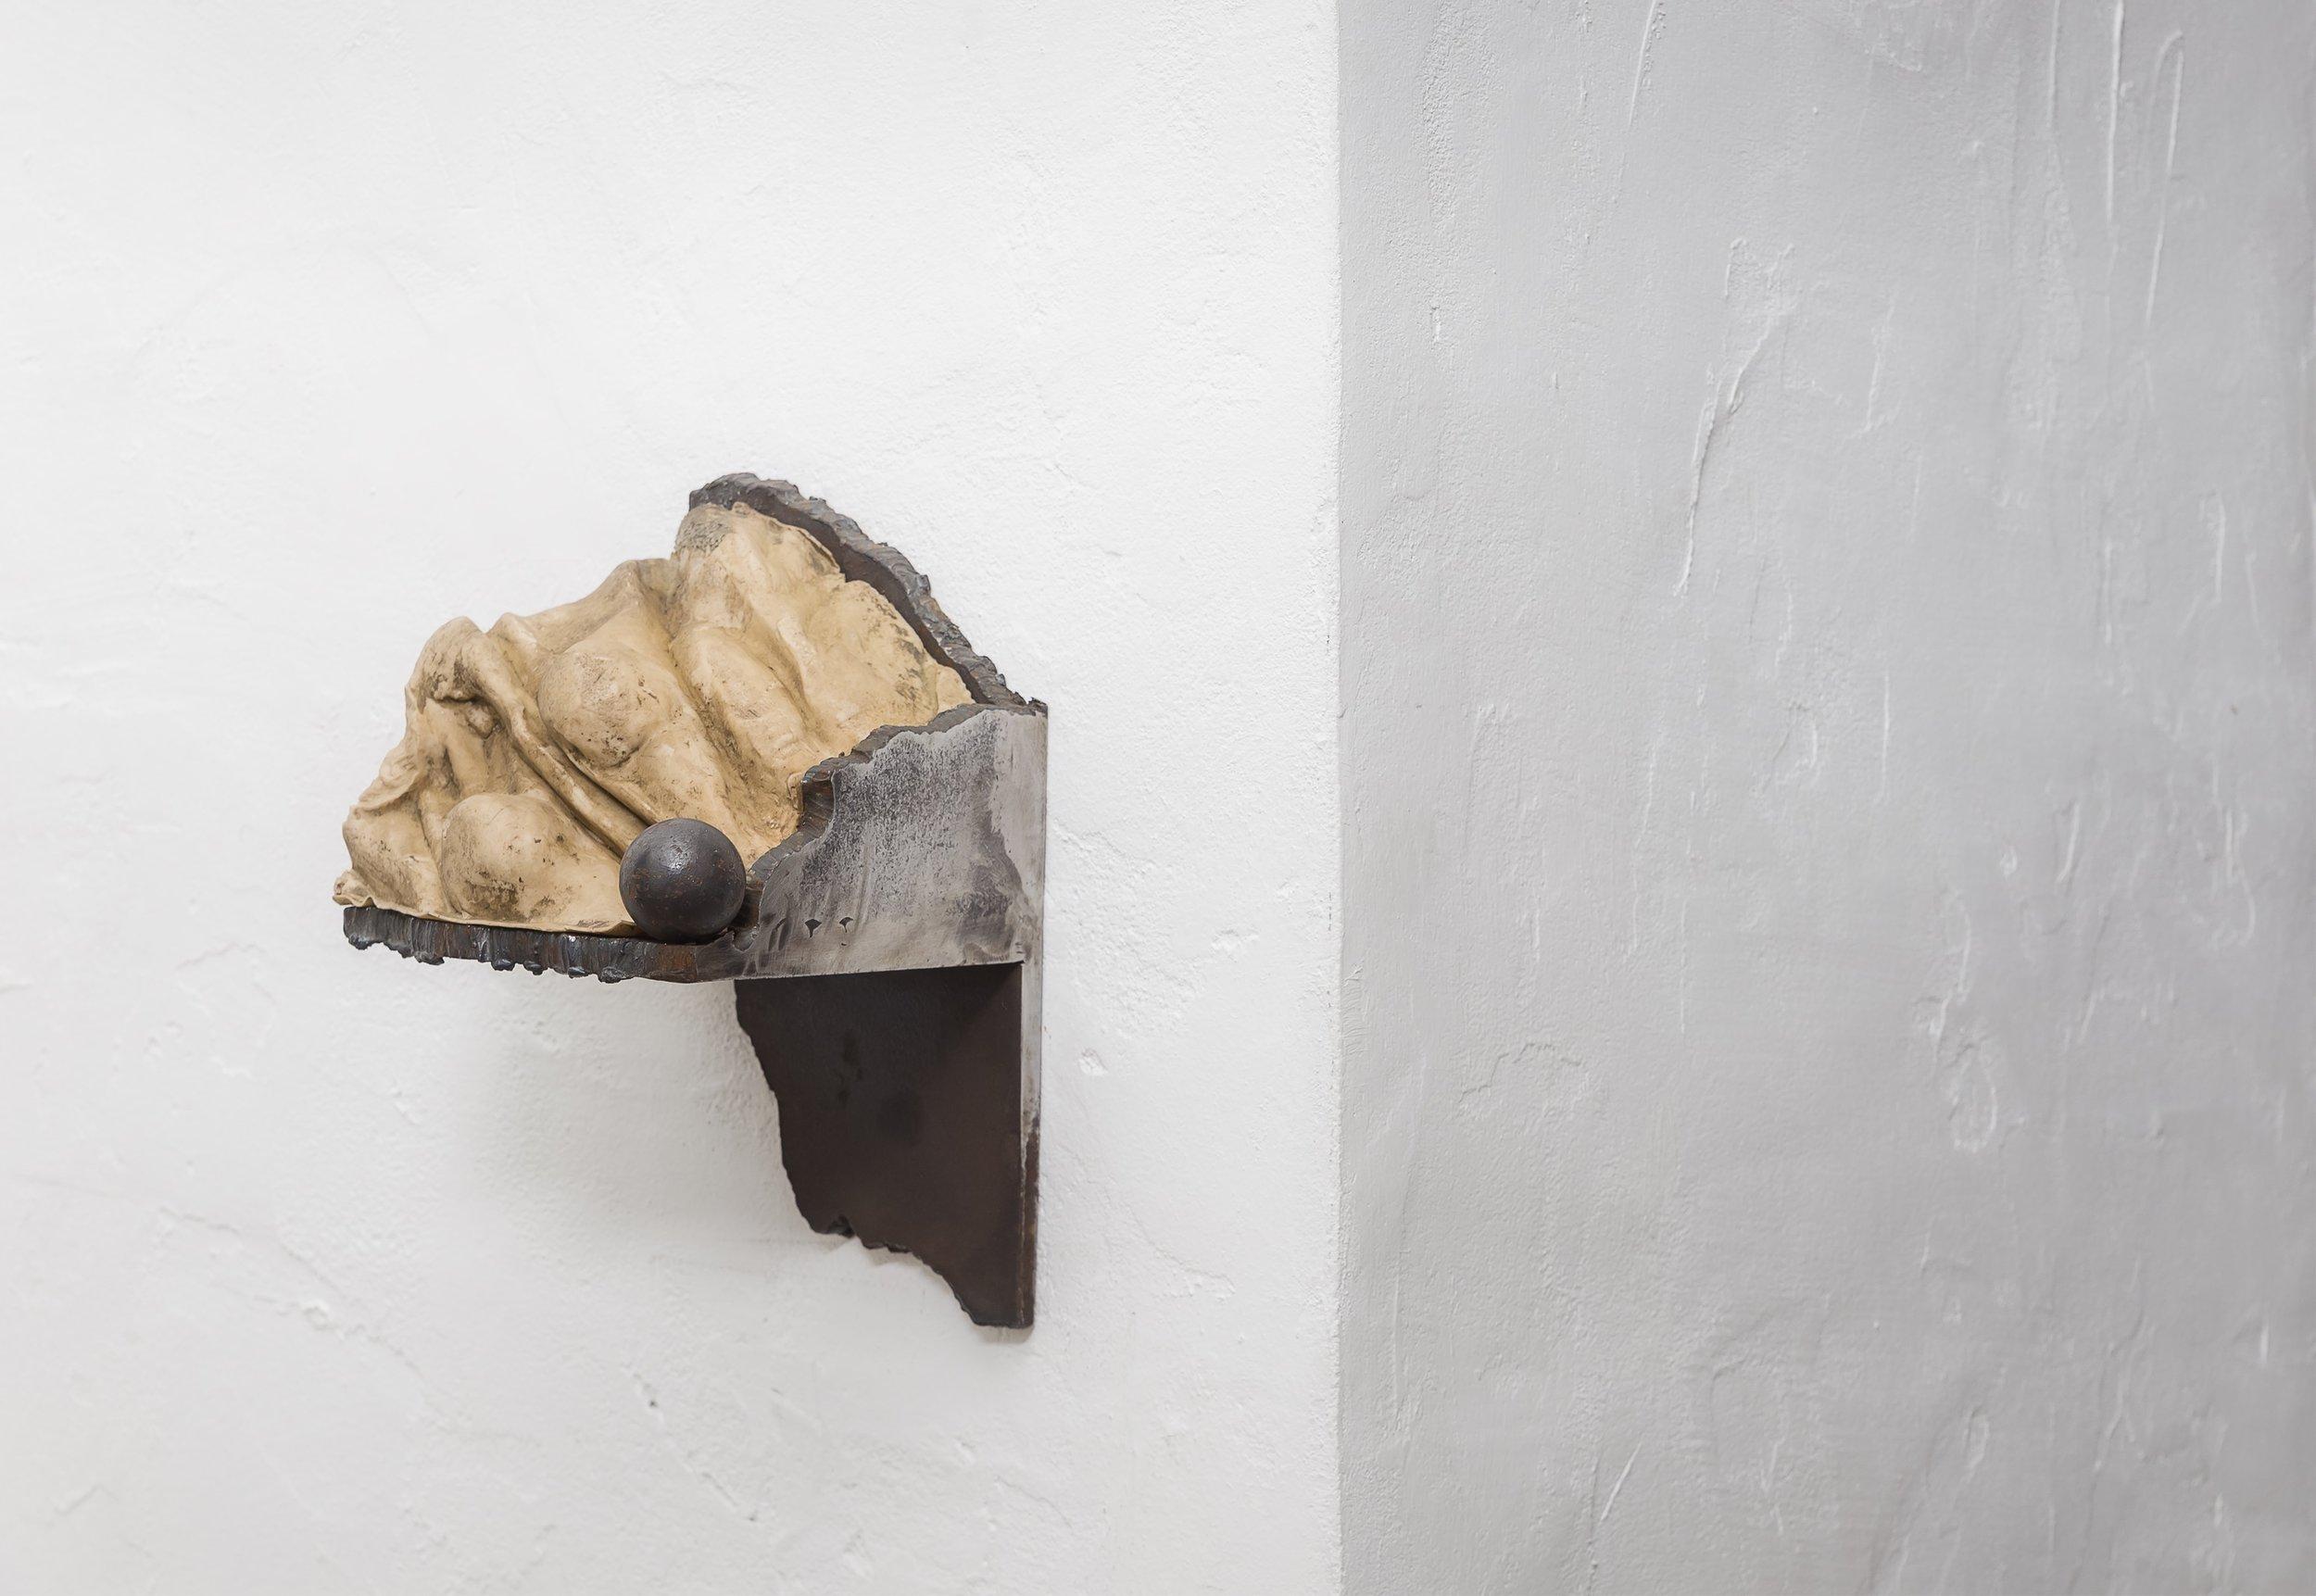 Carrara, la sculpture  1997, ferro e silicone, cm 30x18x16